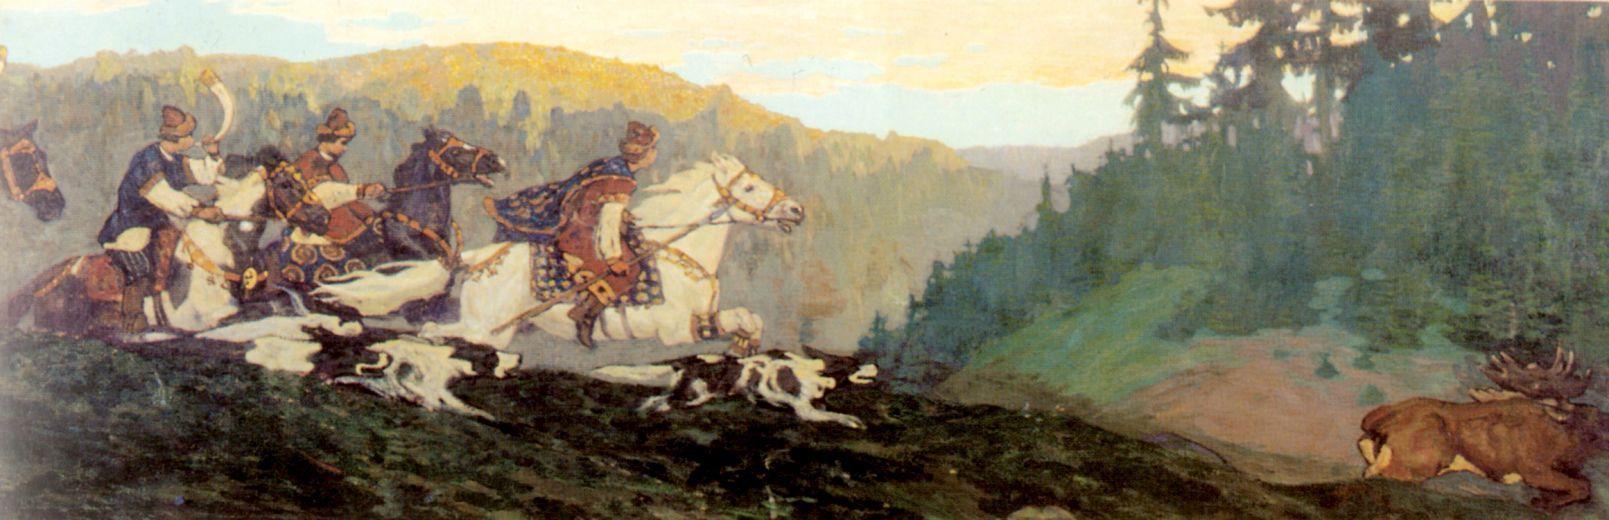 Николай Константинович Рерих. Утро княжей охоты